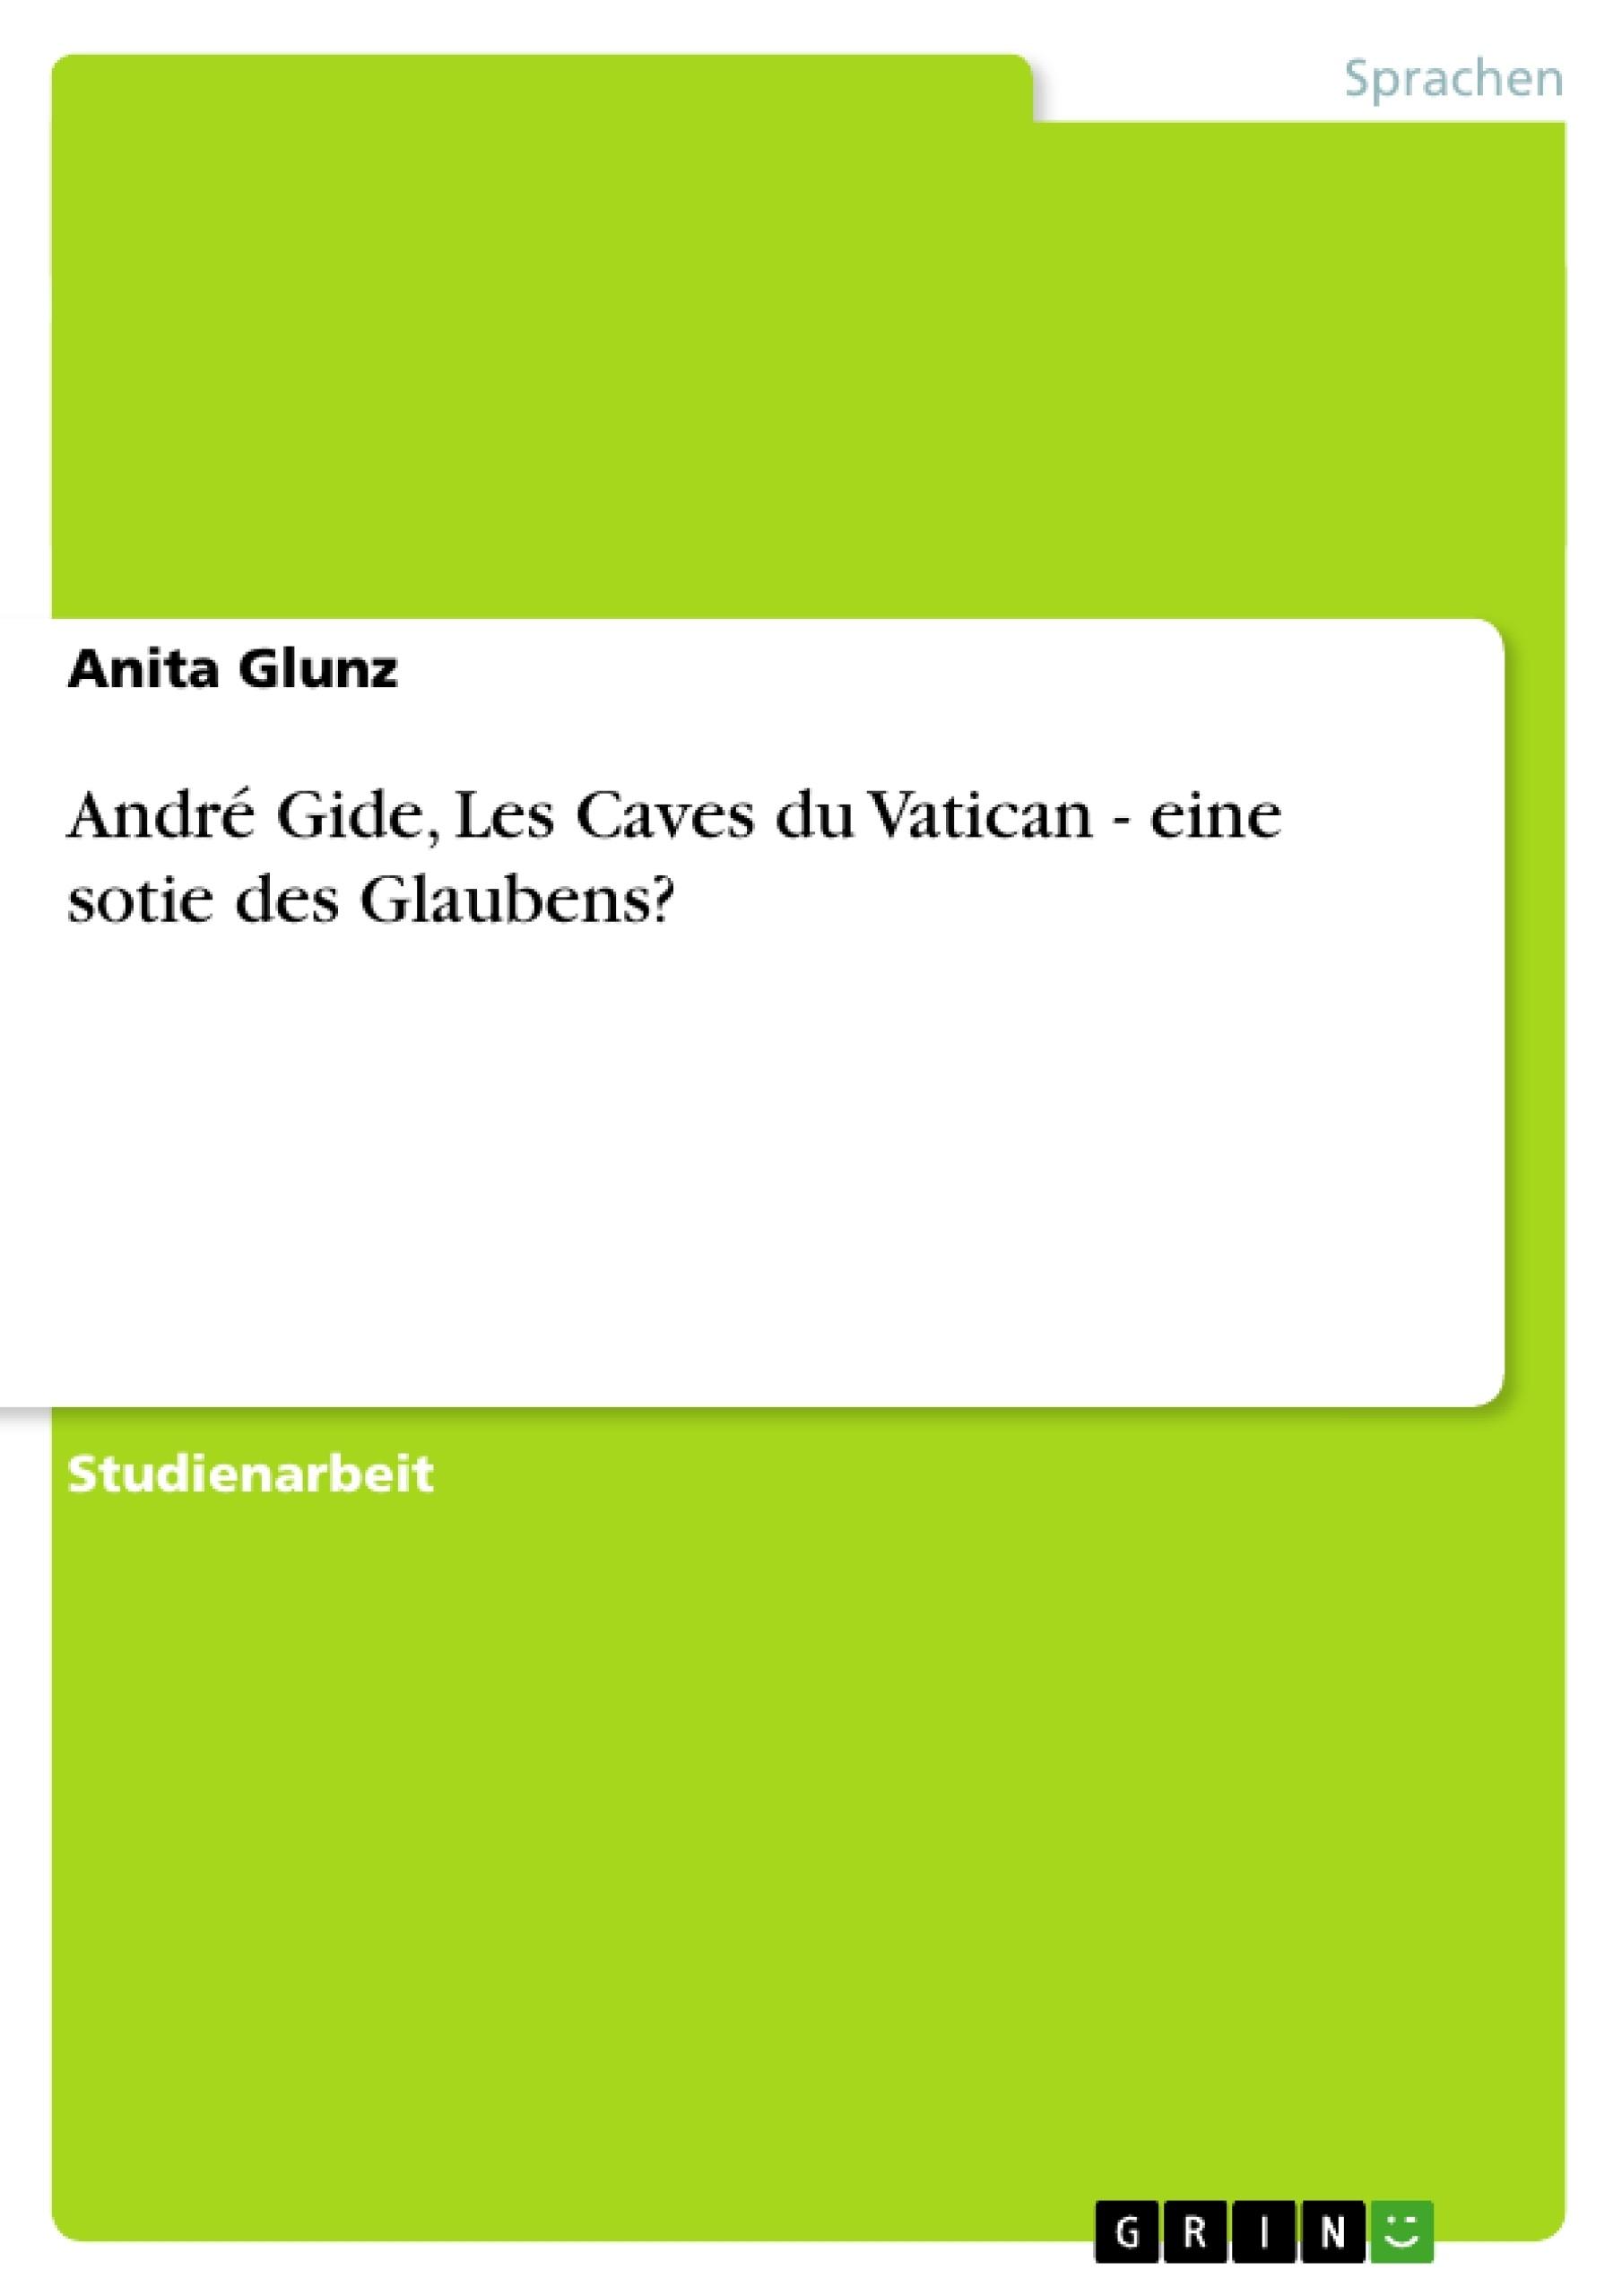 Titel: André Gide, Les Caves du Vatican - eine sotie des Glaubens?